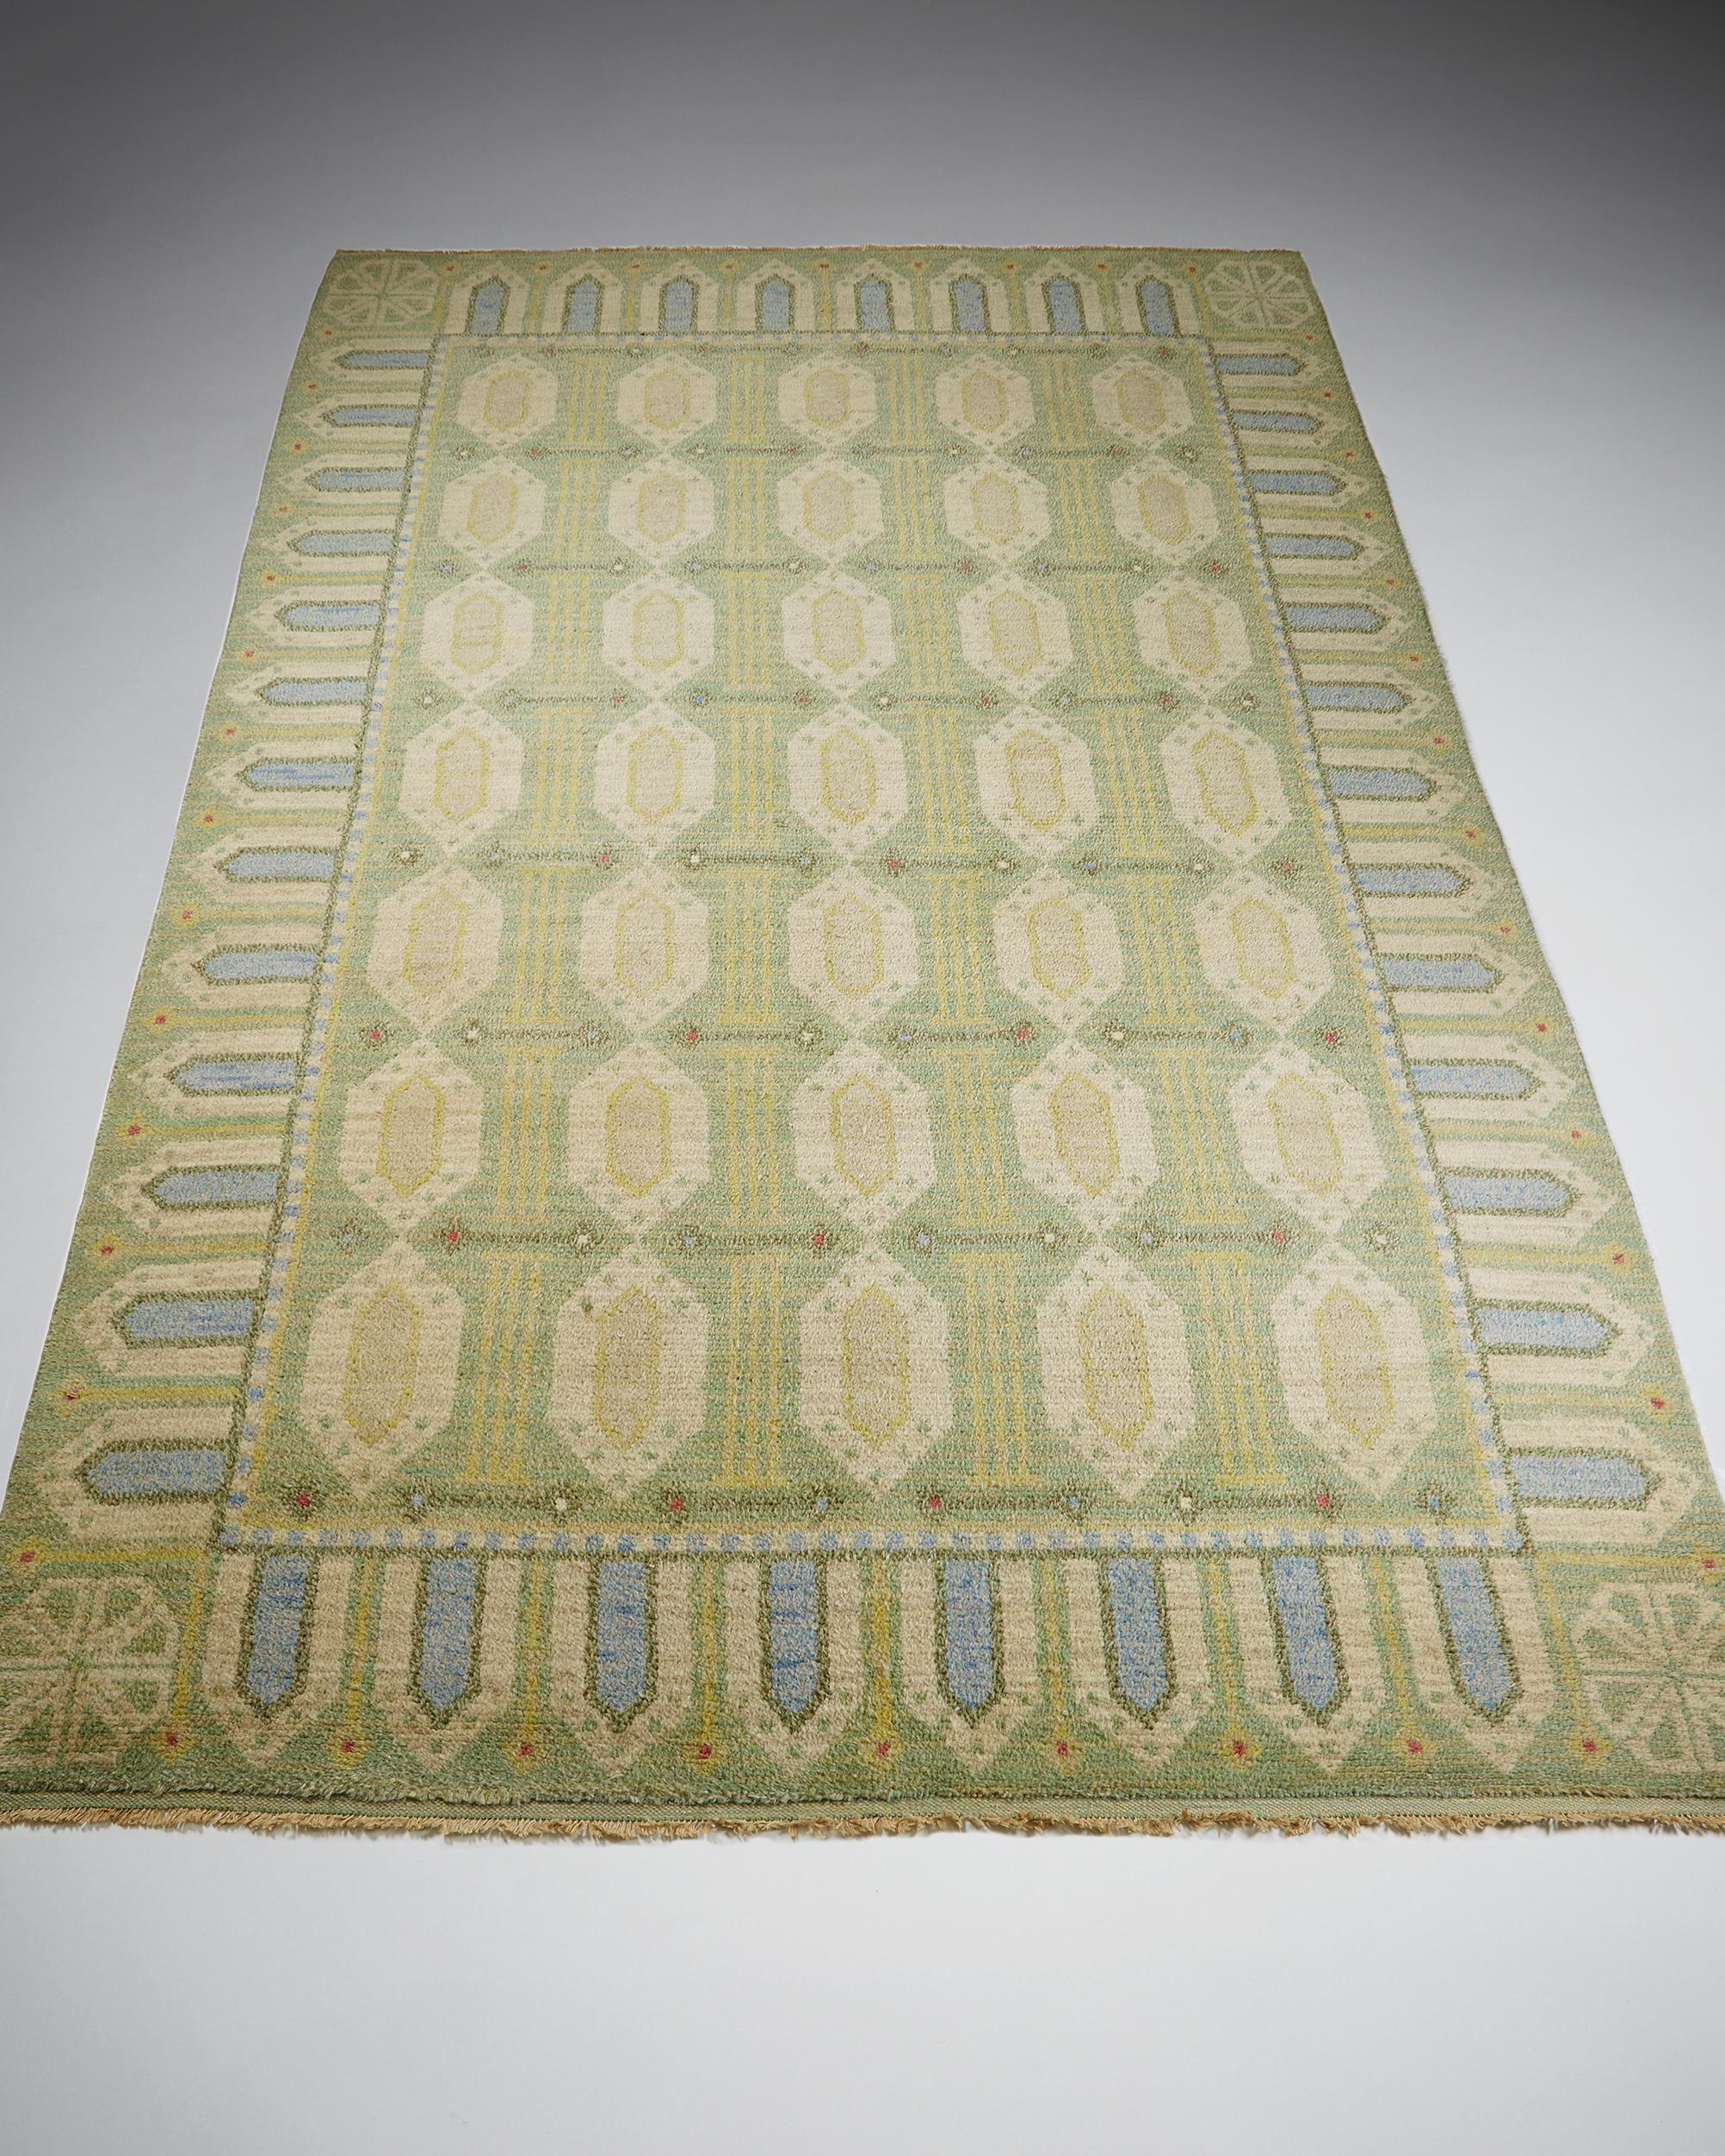 Konstfliten  Rug Sweden, 1930's Wool. Pile technique. 360 x 250 cm